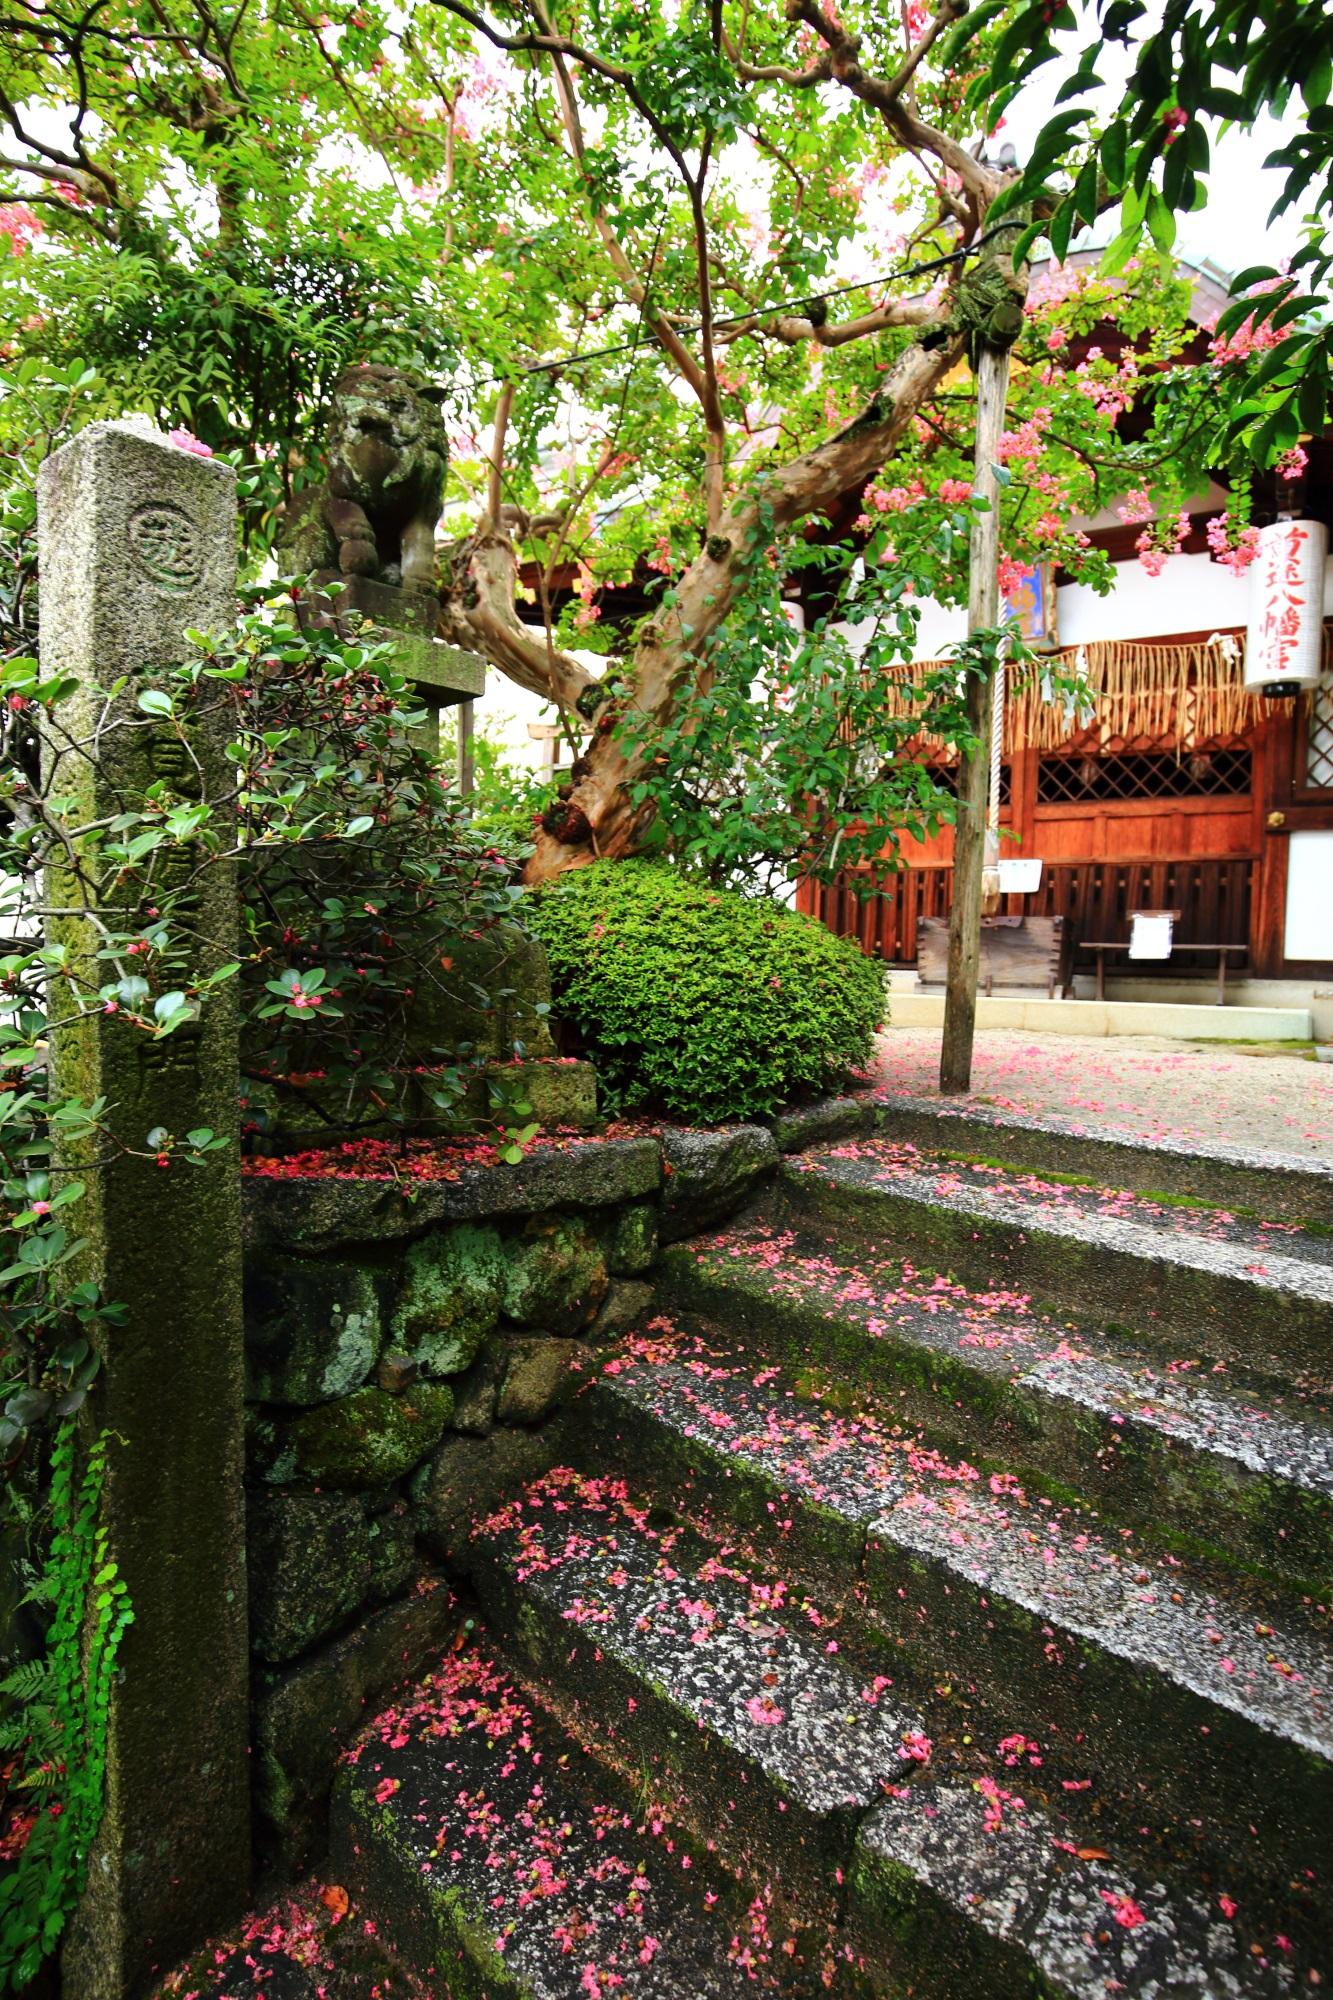 首途八幡宮の本殿と華やかな散った百日紅の花